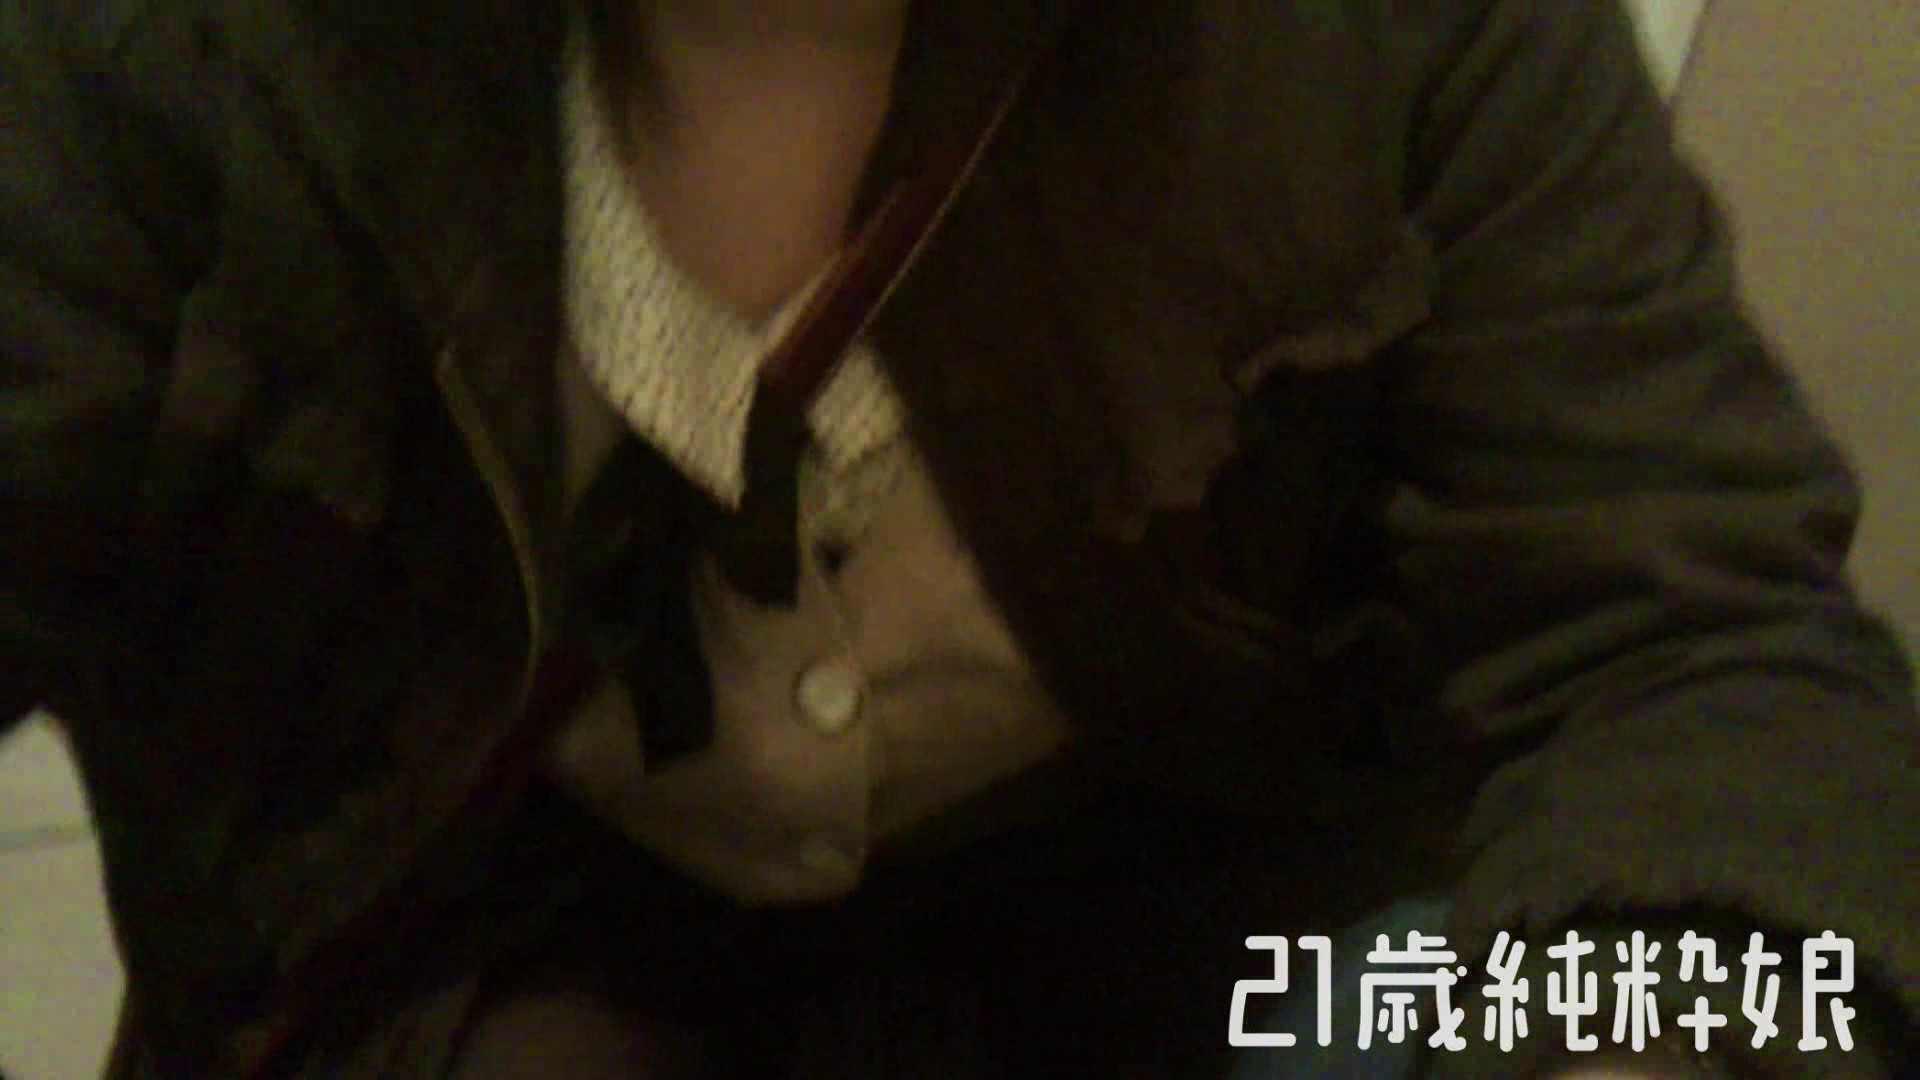 Gカップ21歳純粋嬢第2弾Vol.5 学校 | 性欲  108連発 73